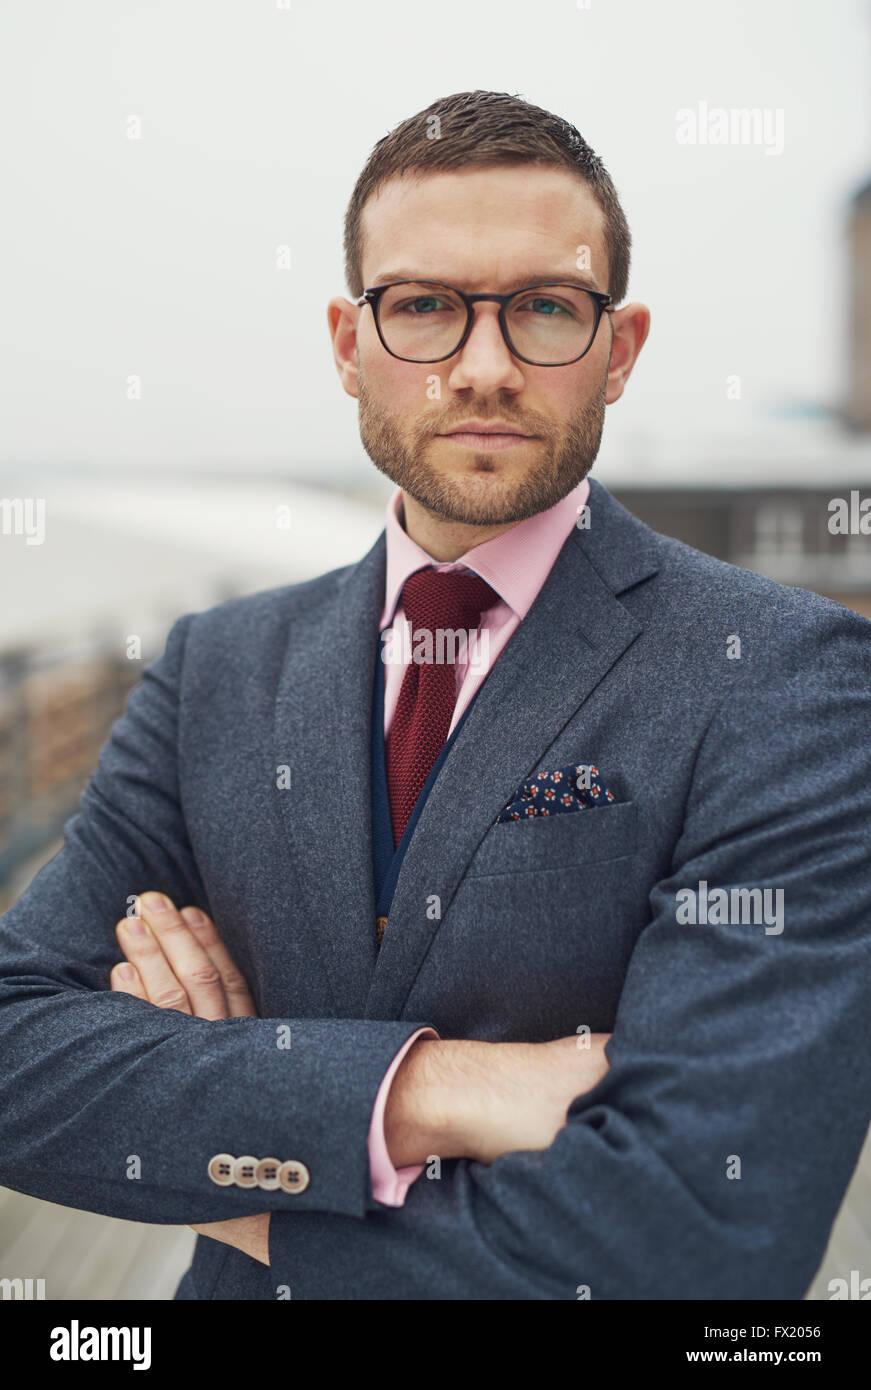 Grave determinada empresa joven Hombre con gafas de pie con los brazos cruzados mirando a la cámara con una Imagen De Stock